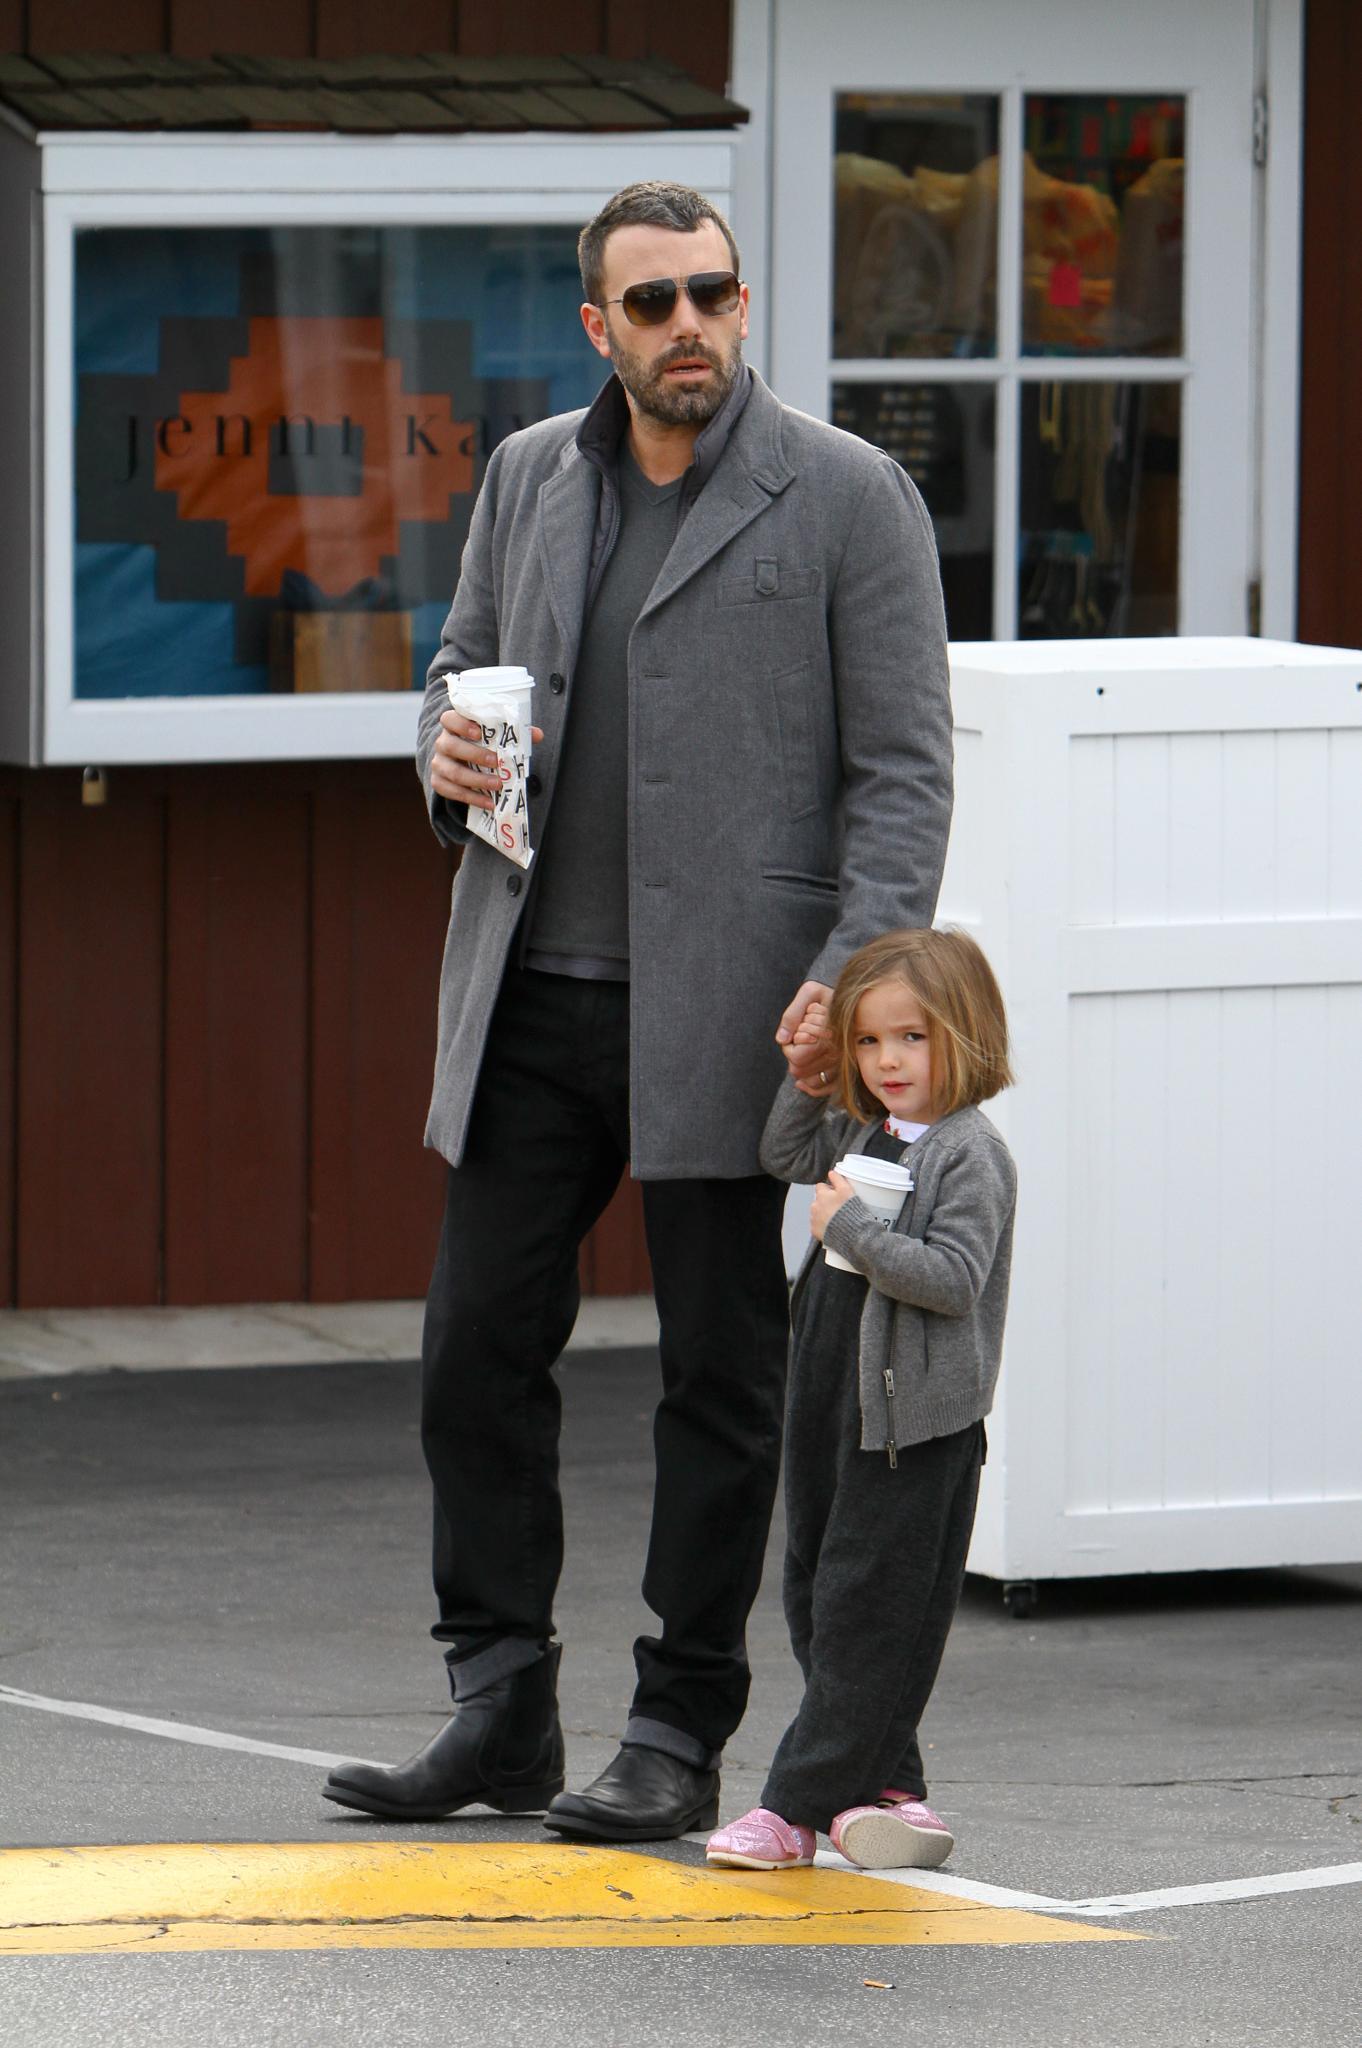 Seraphina Affleck ist mit ihrem Vater Ben Affleck in Brentwood unterwegs und zeigt sich zum ersten Mal mit neuer Frisur.